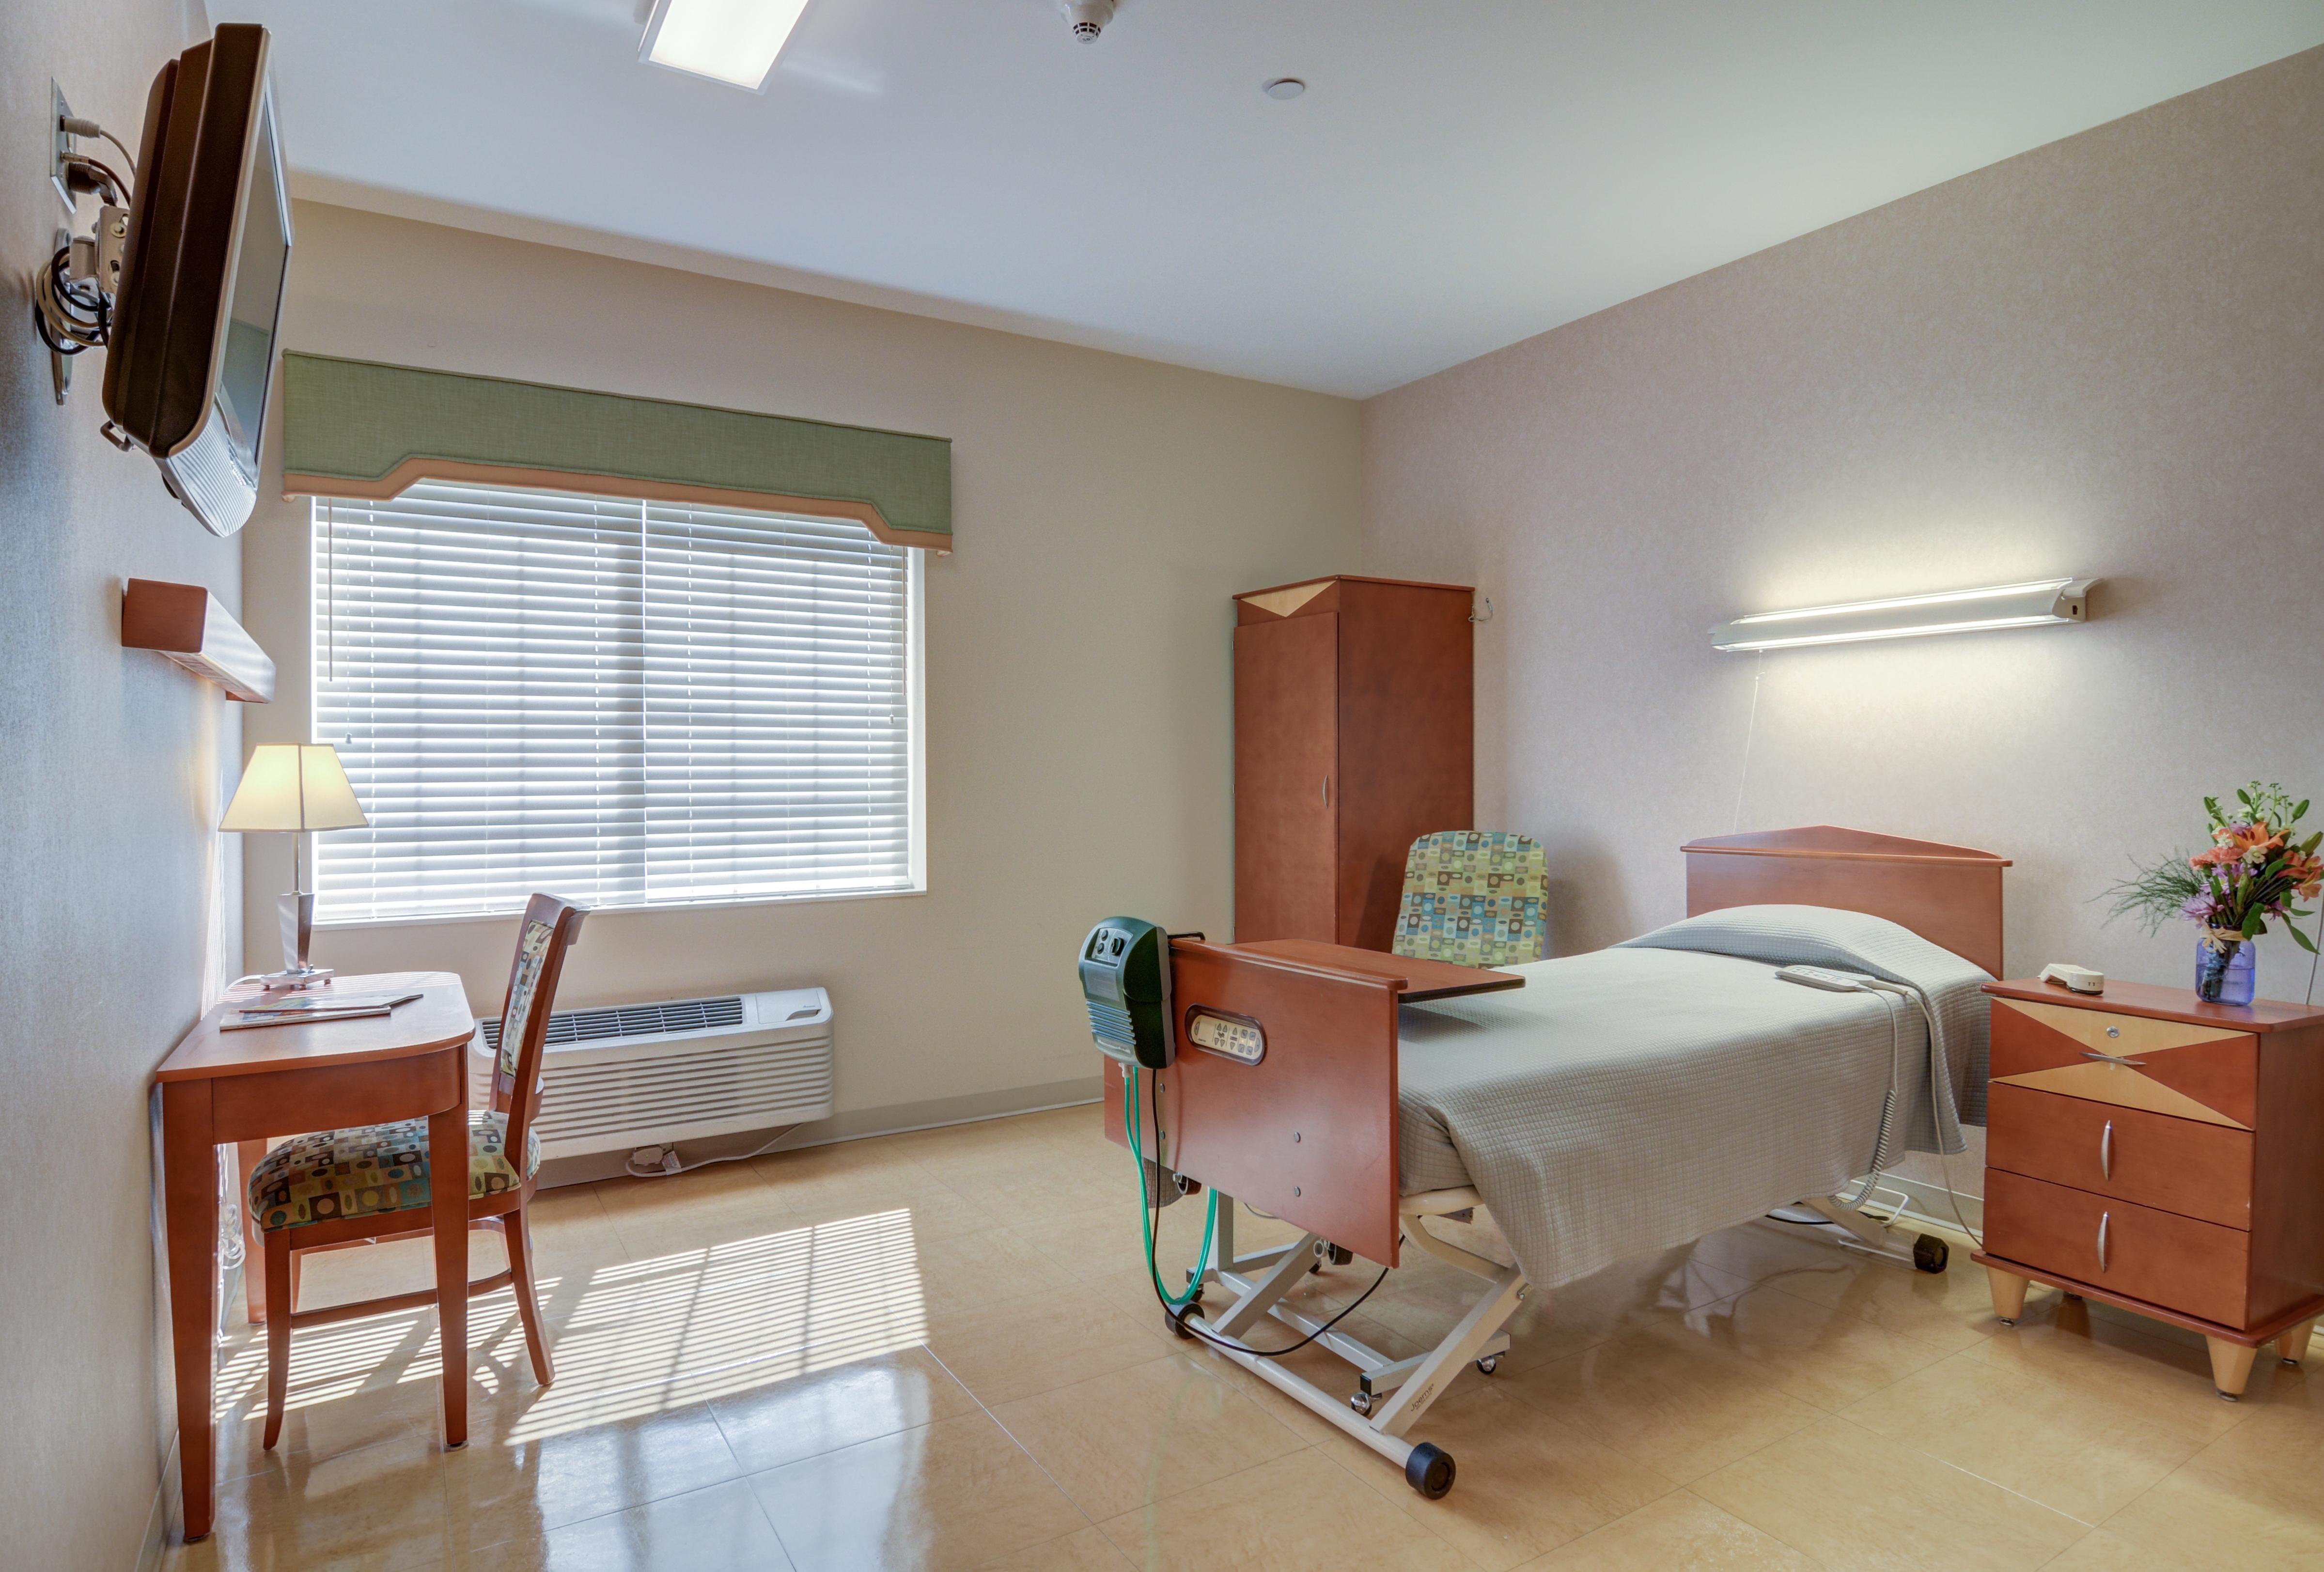 Heartland Health Care Center-Canton - Heartland | ManorCare